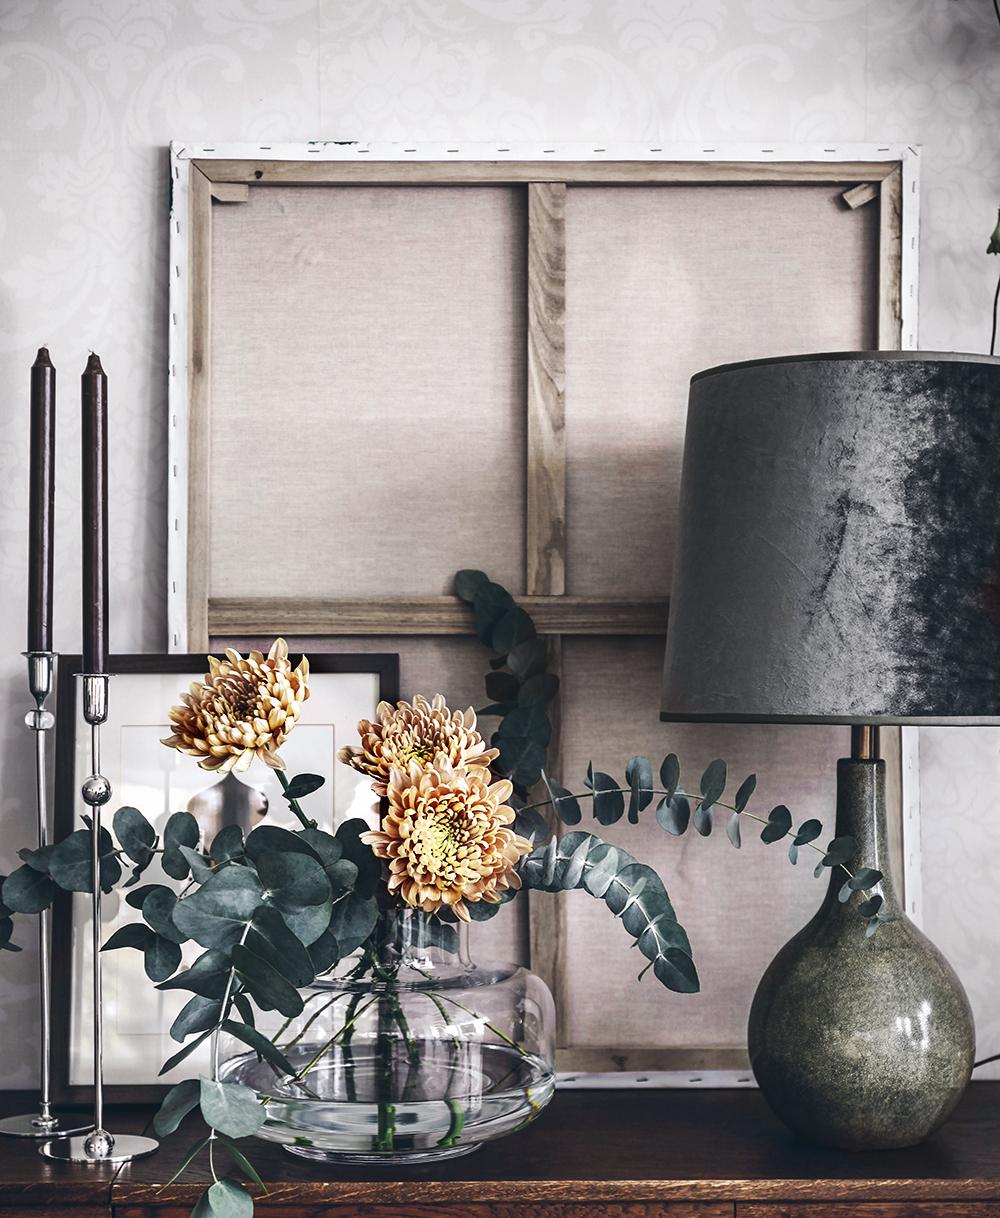 Ny bordslampa och krysantemum på snitt!